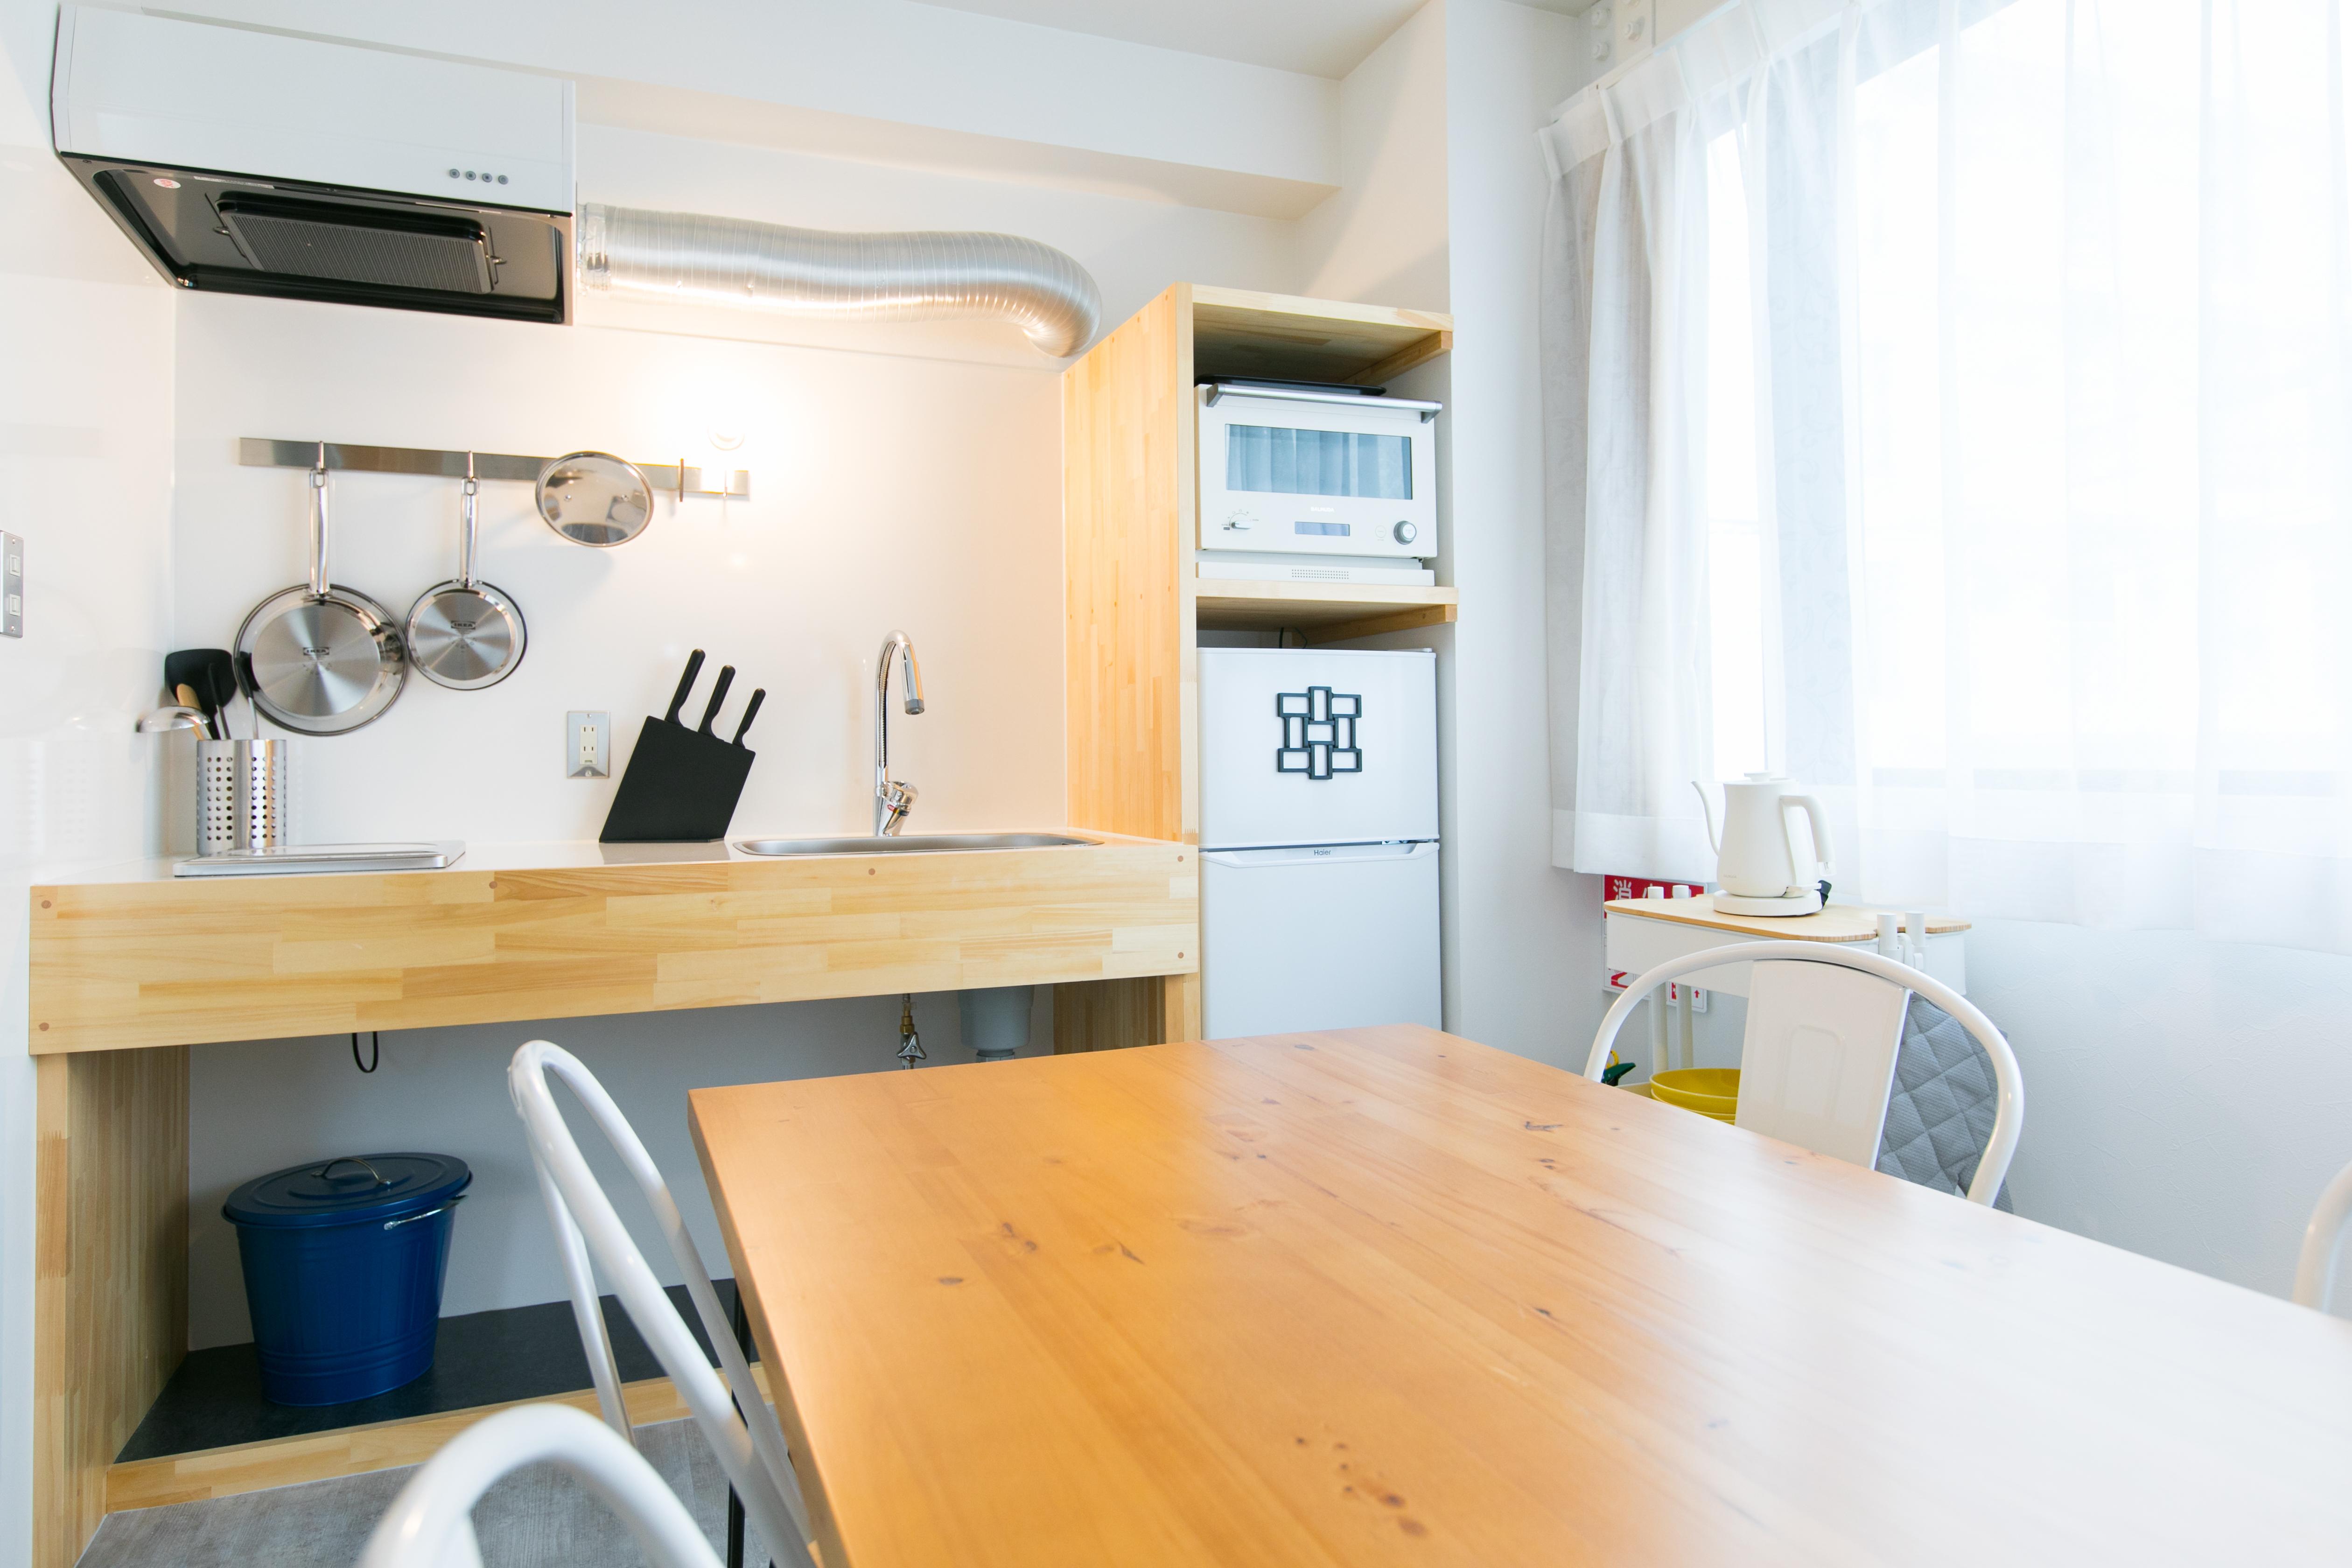 ウィズダム美野島イン 自由に使えるフリースペース!の室内の写真